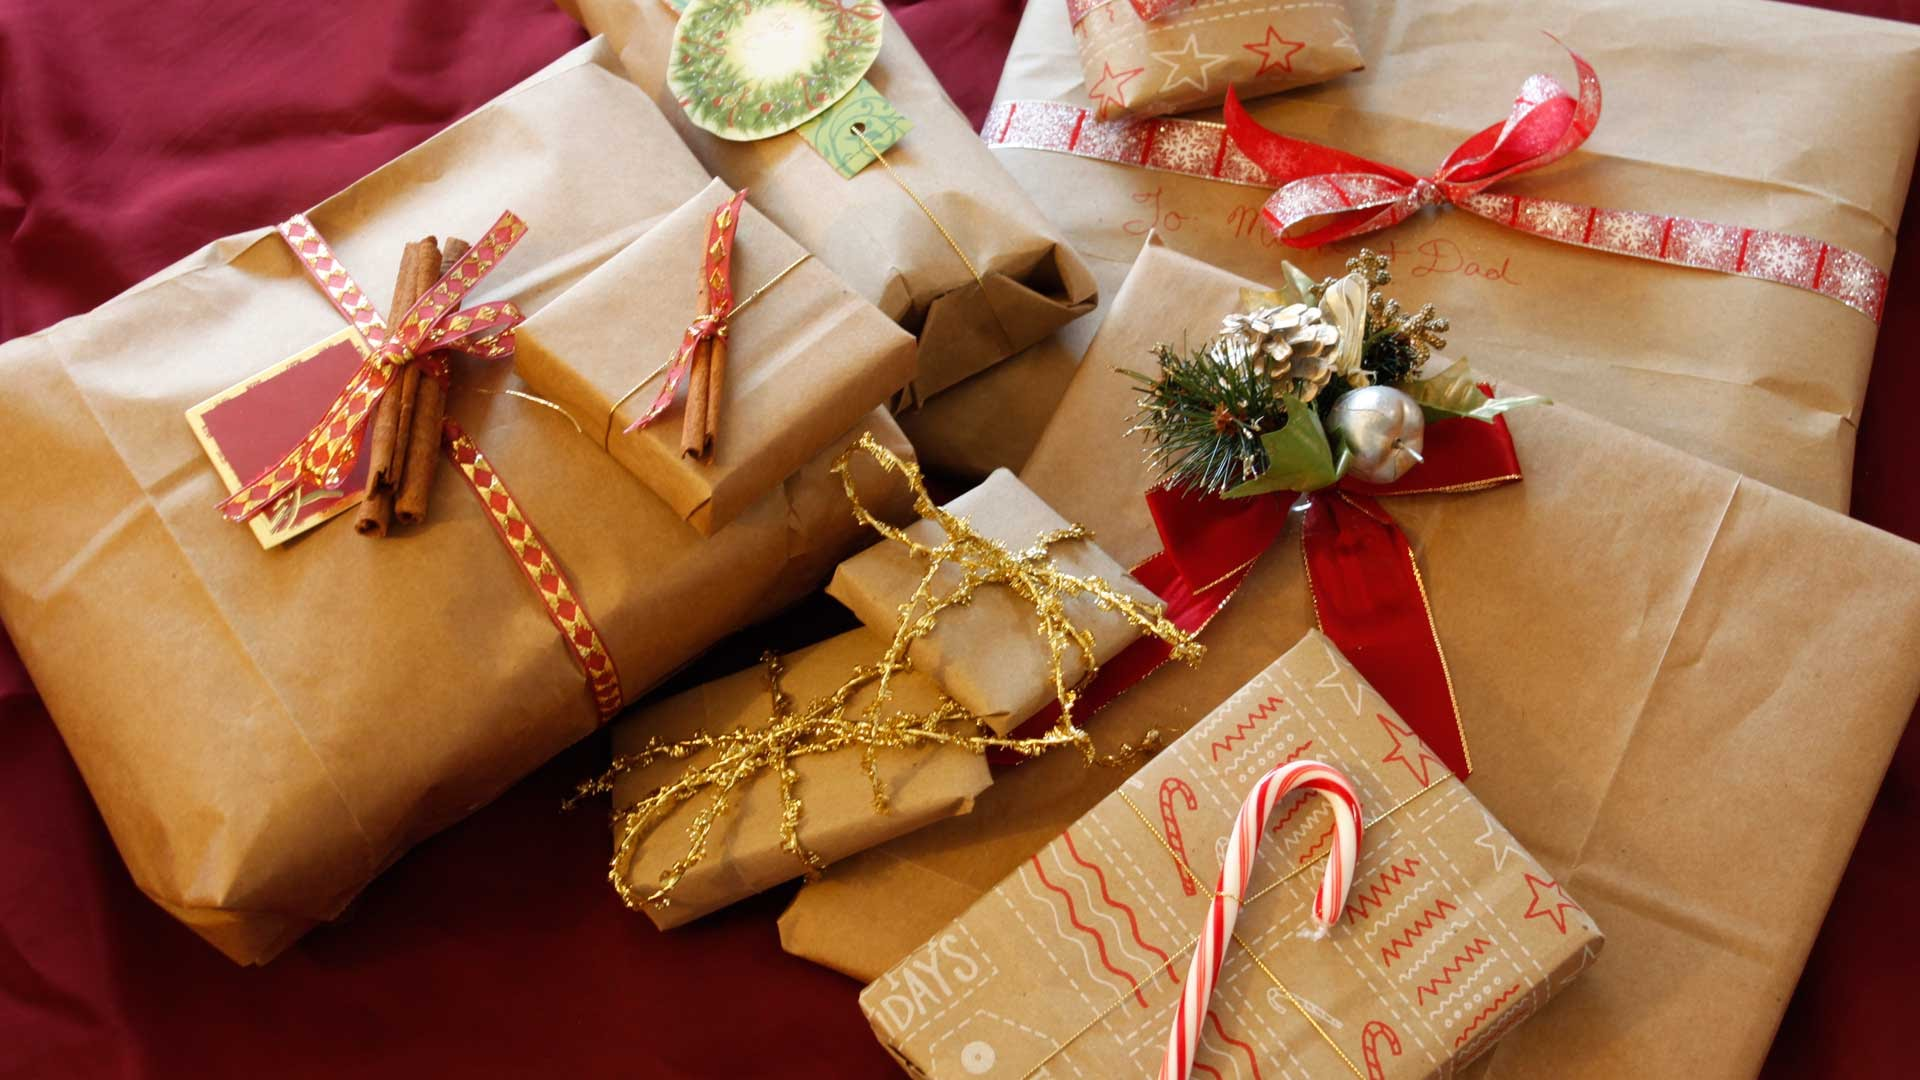 Как правильно упаковать подарок? Упаковываем подарок своими руками 📖